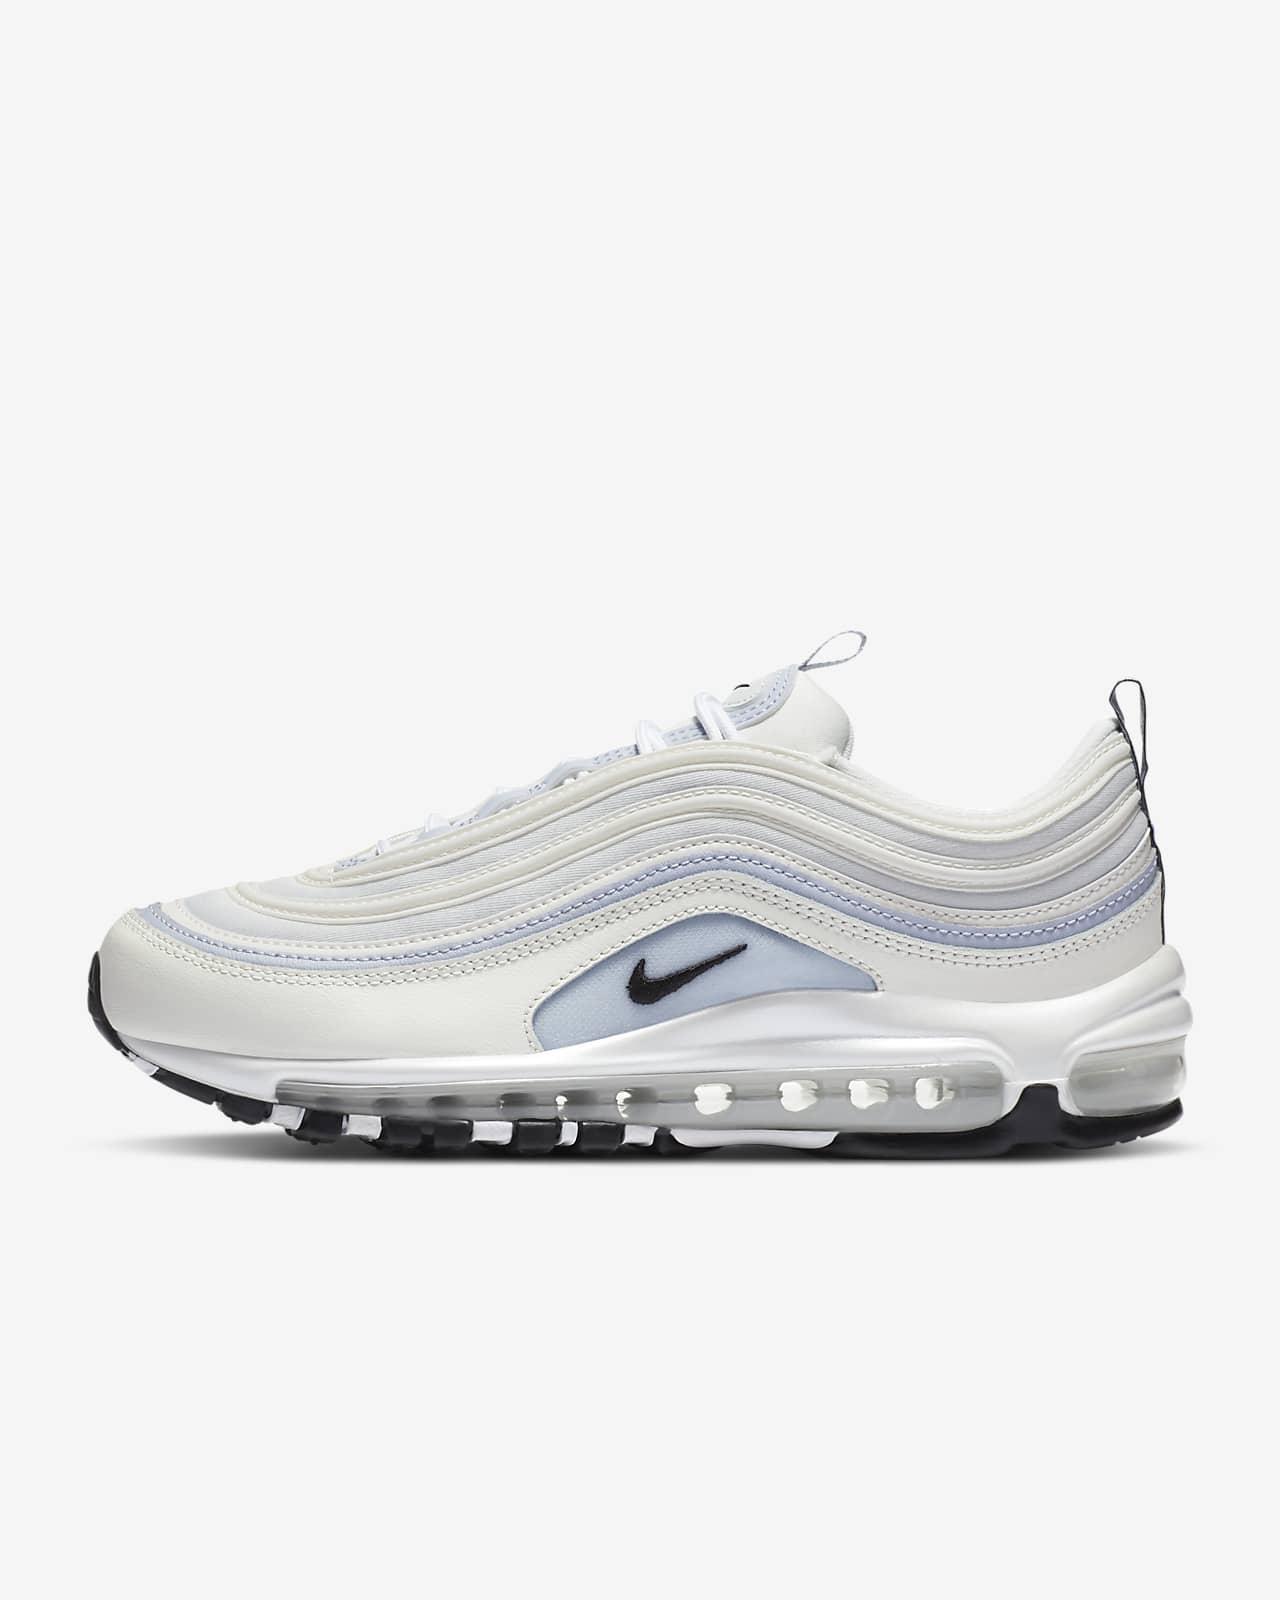 รองเท้าผู้หญิง Nike Air Max 97 Essential